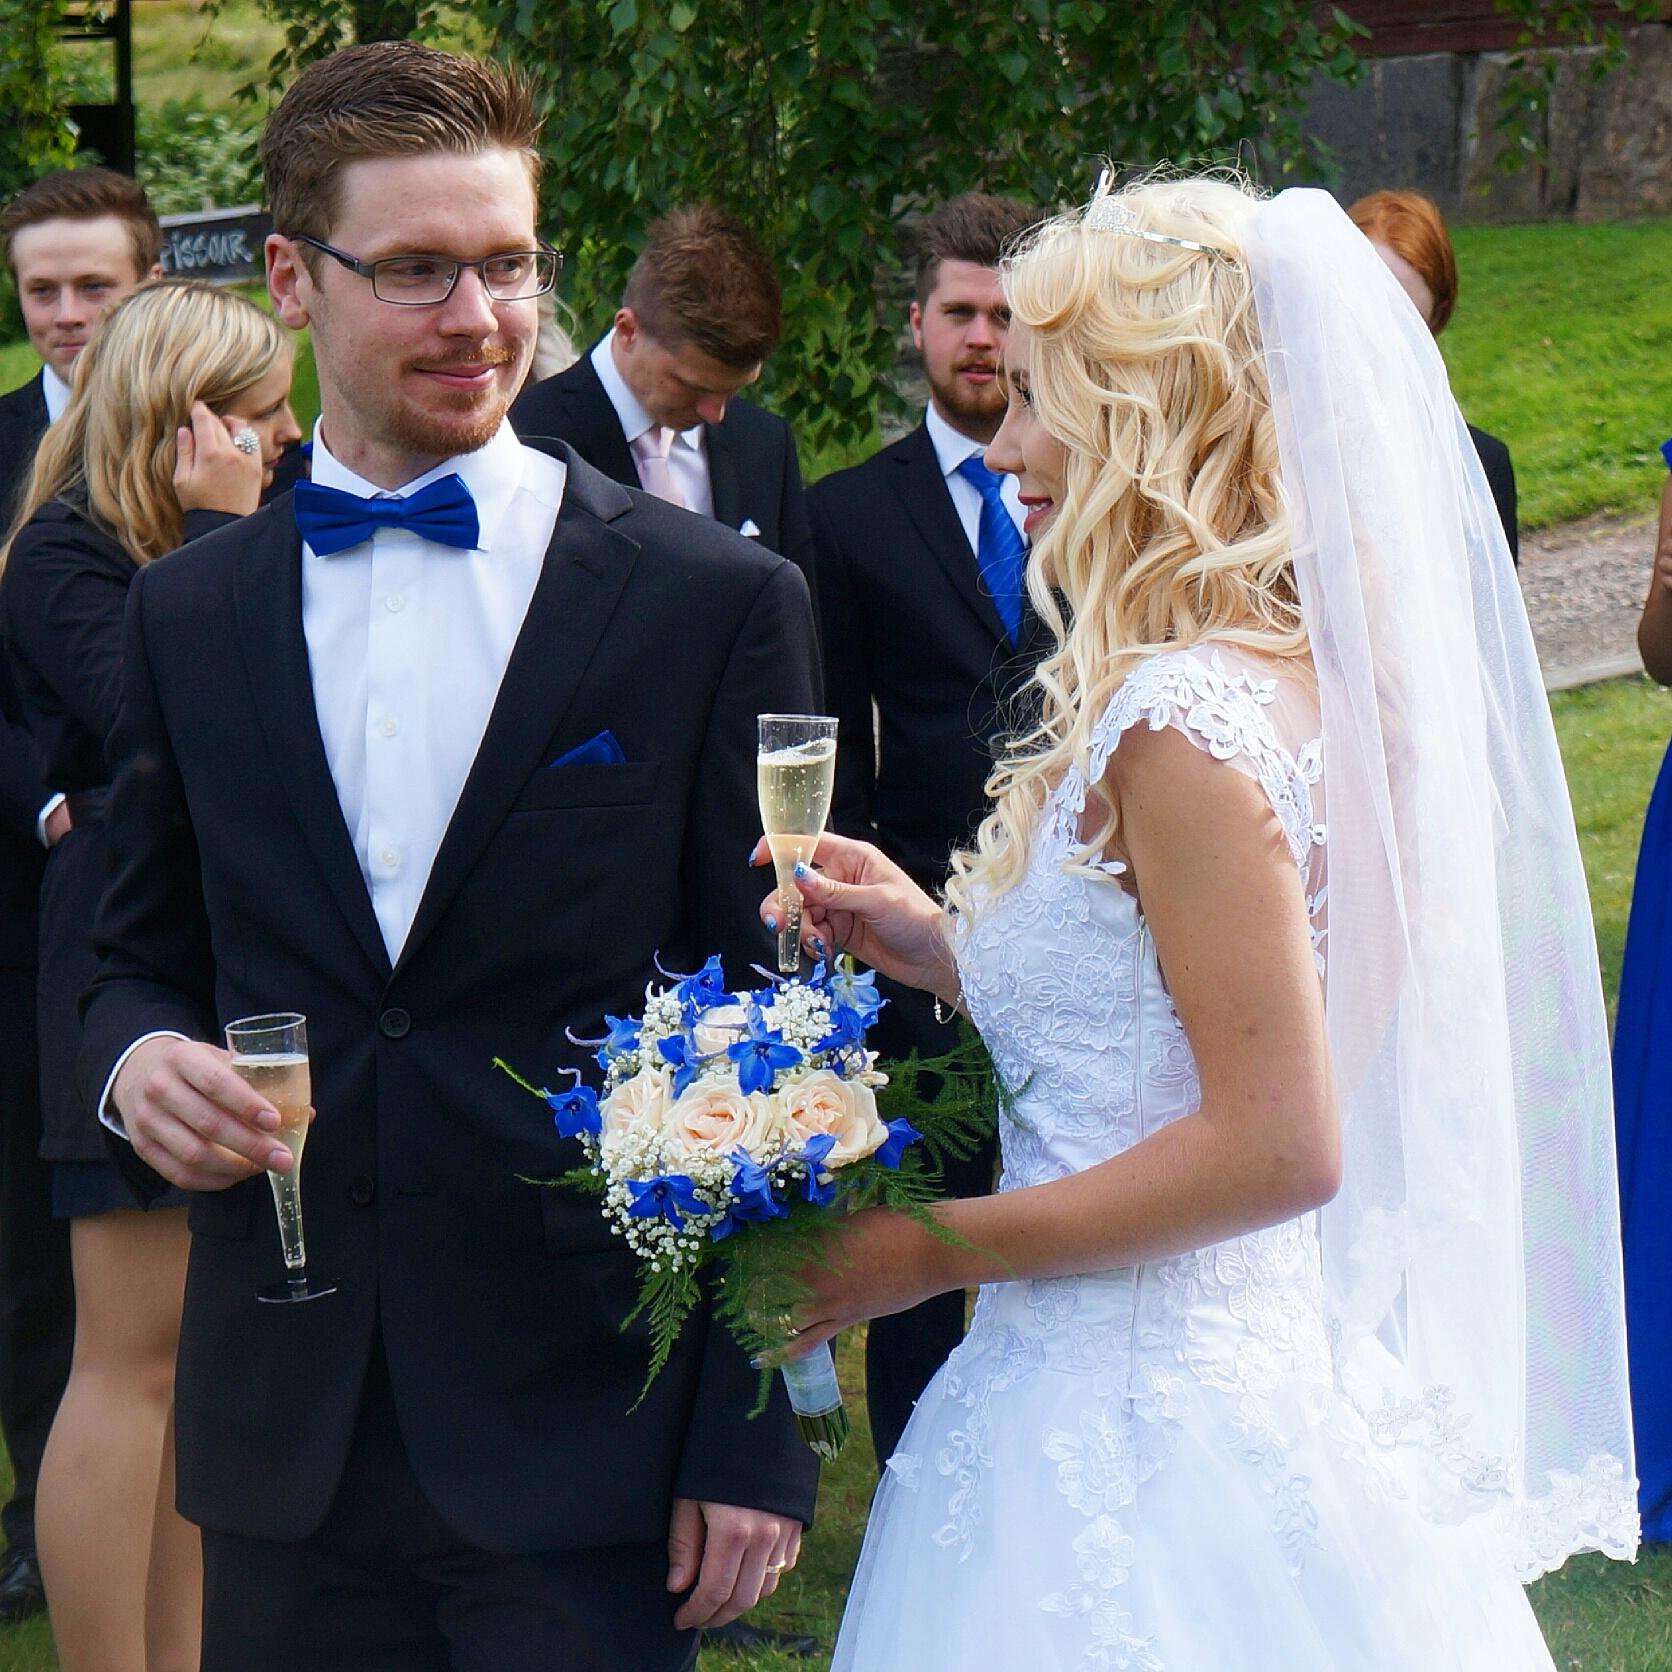 ... gifte vi oss äntligen. Jag var en ganska blyg tjej i skolan. Jag skötte  mina betyg bra 61161928c1e4c